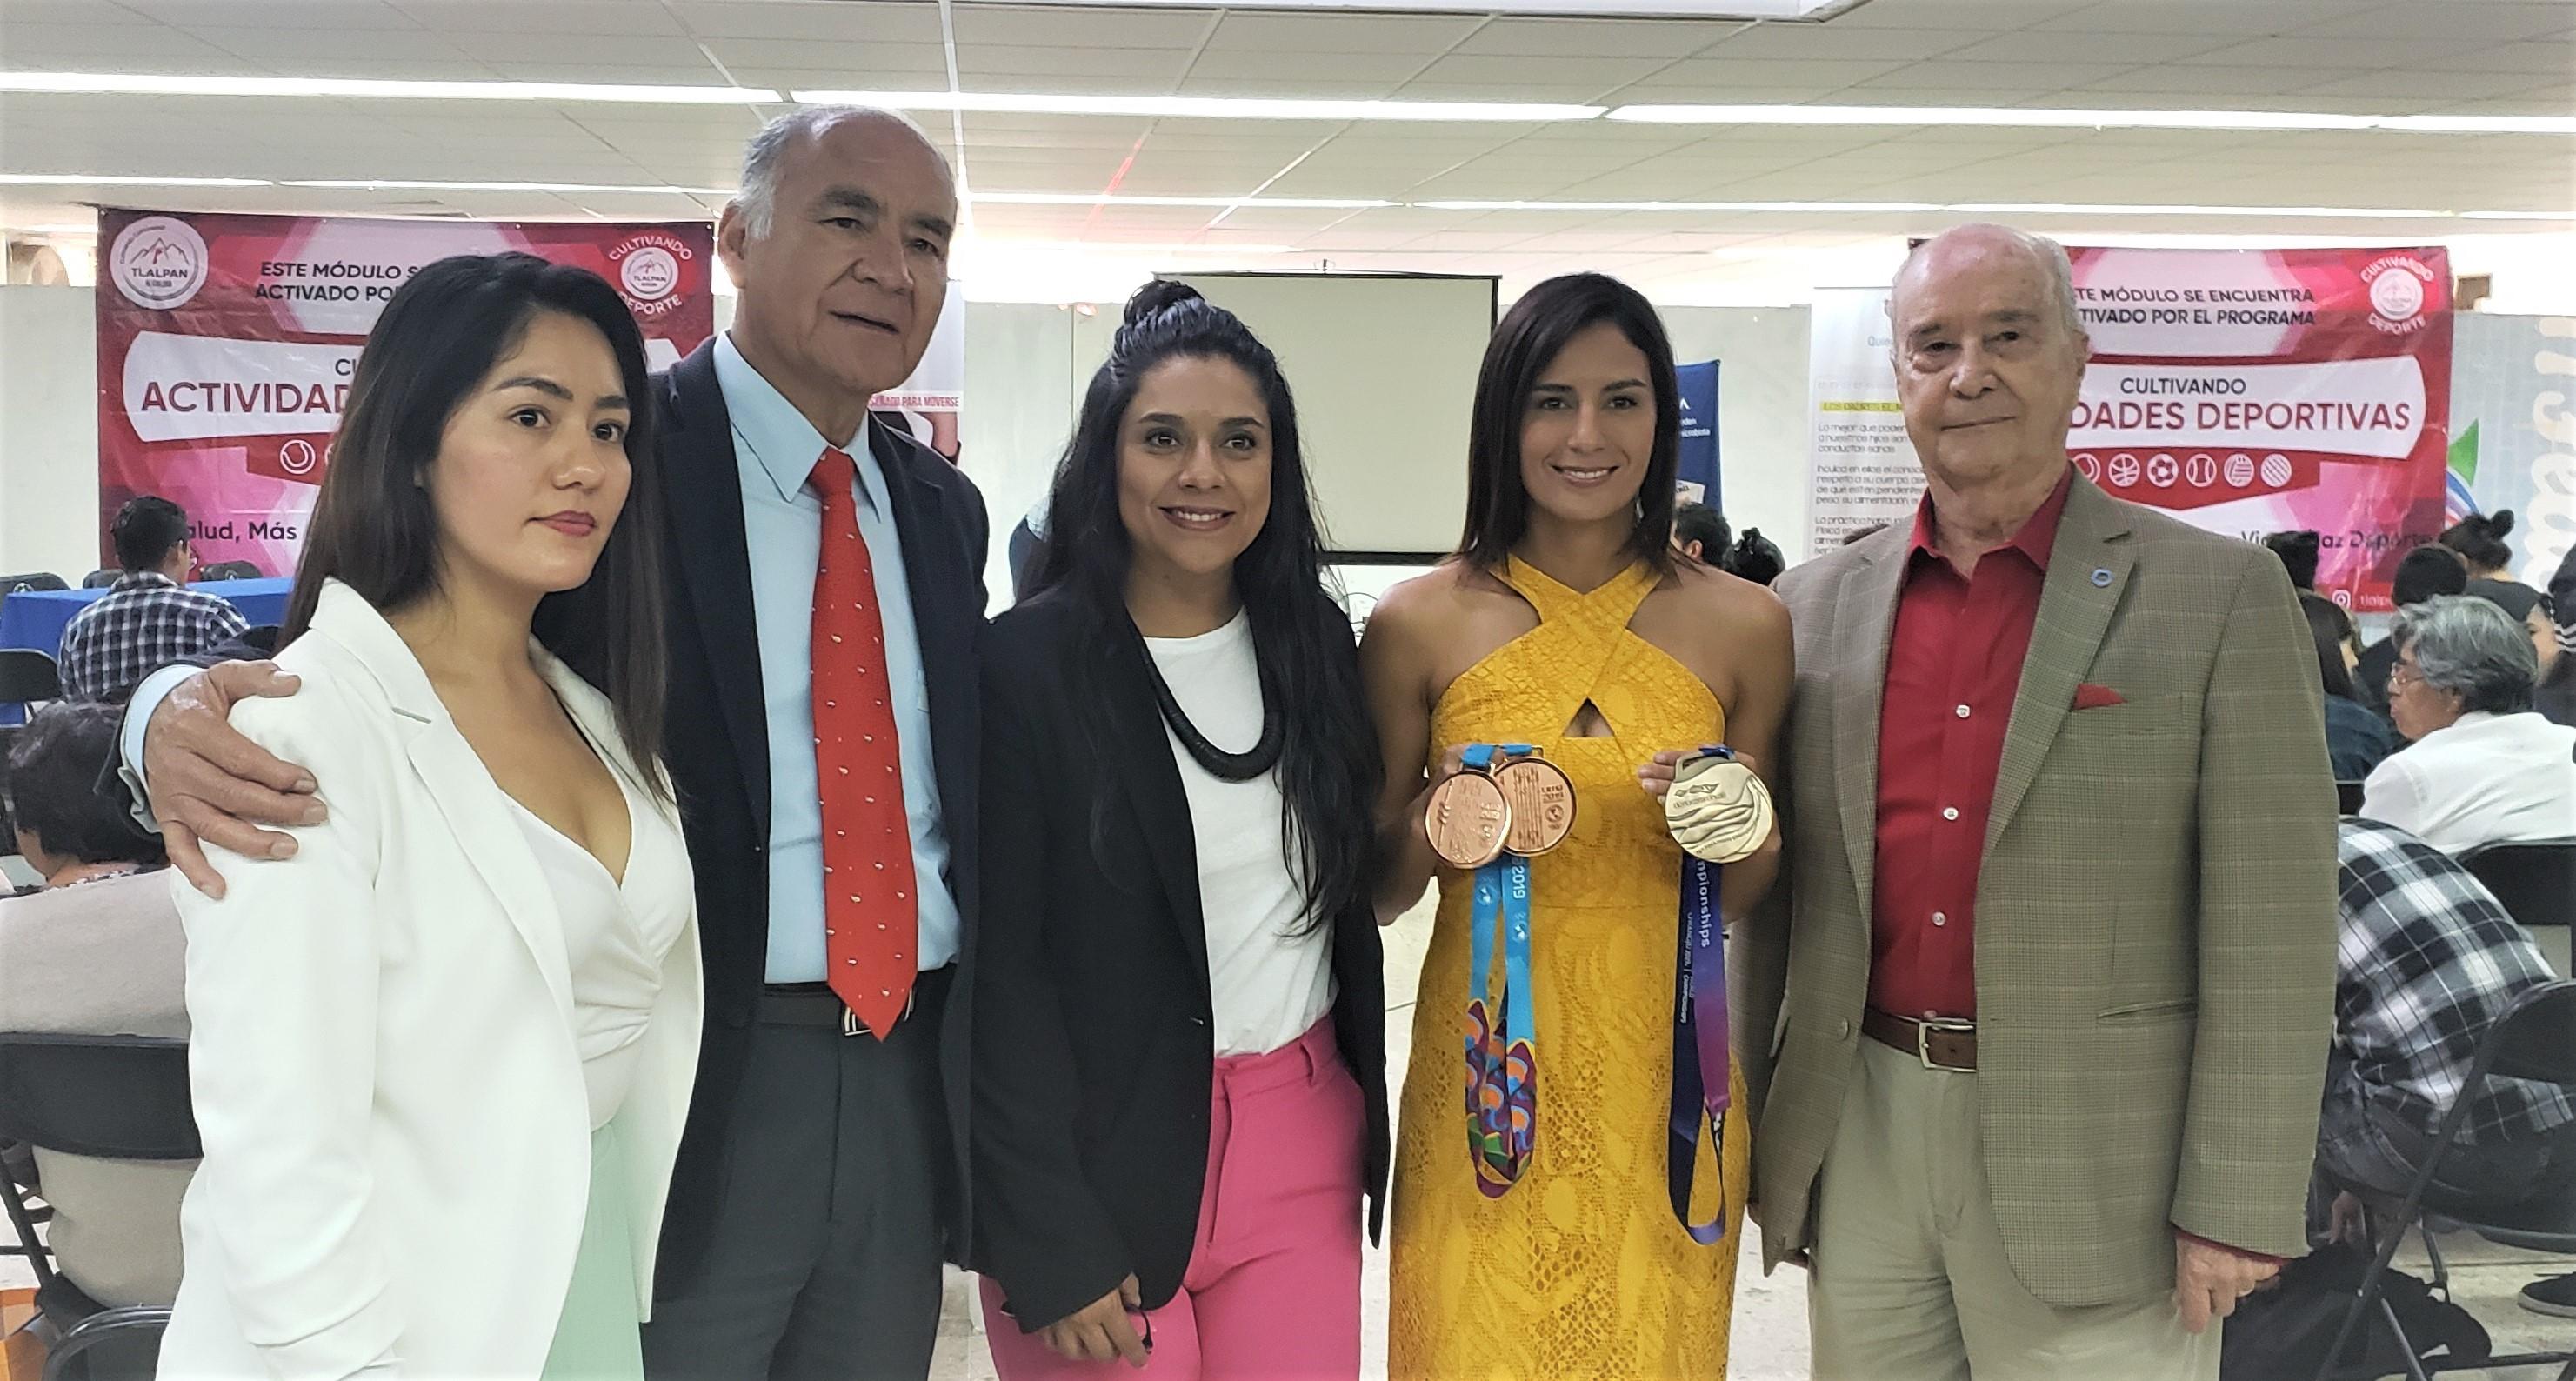 Paola Espinosa y la iniciativa 'Quiero Saber Salud' unen esfuerzos a favor de la promoción de hábitos saludables